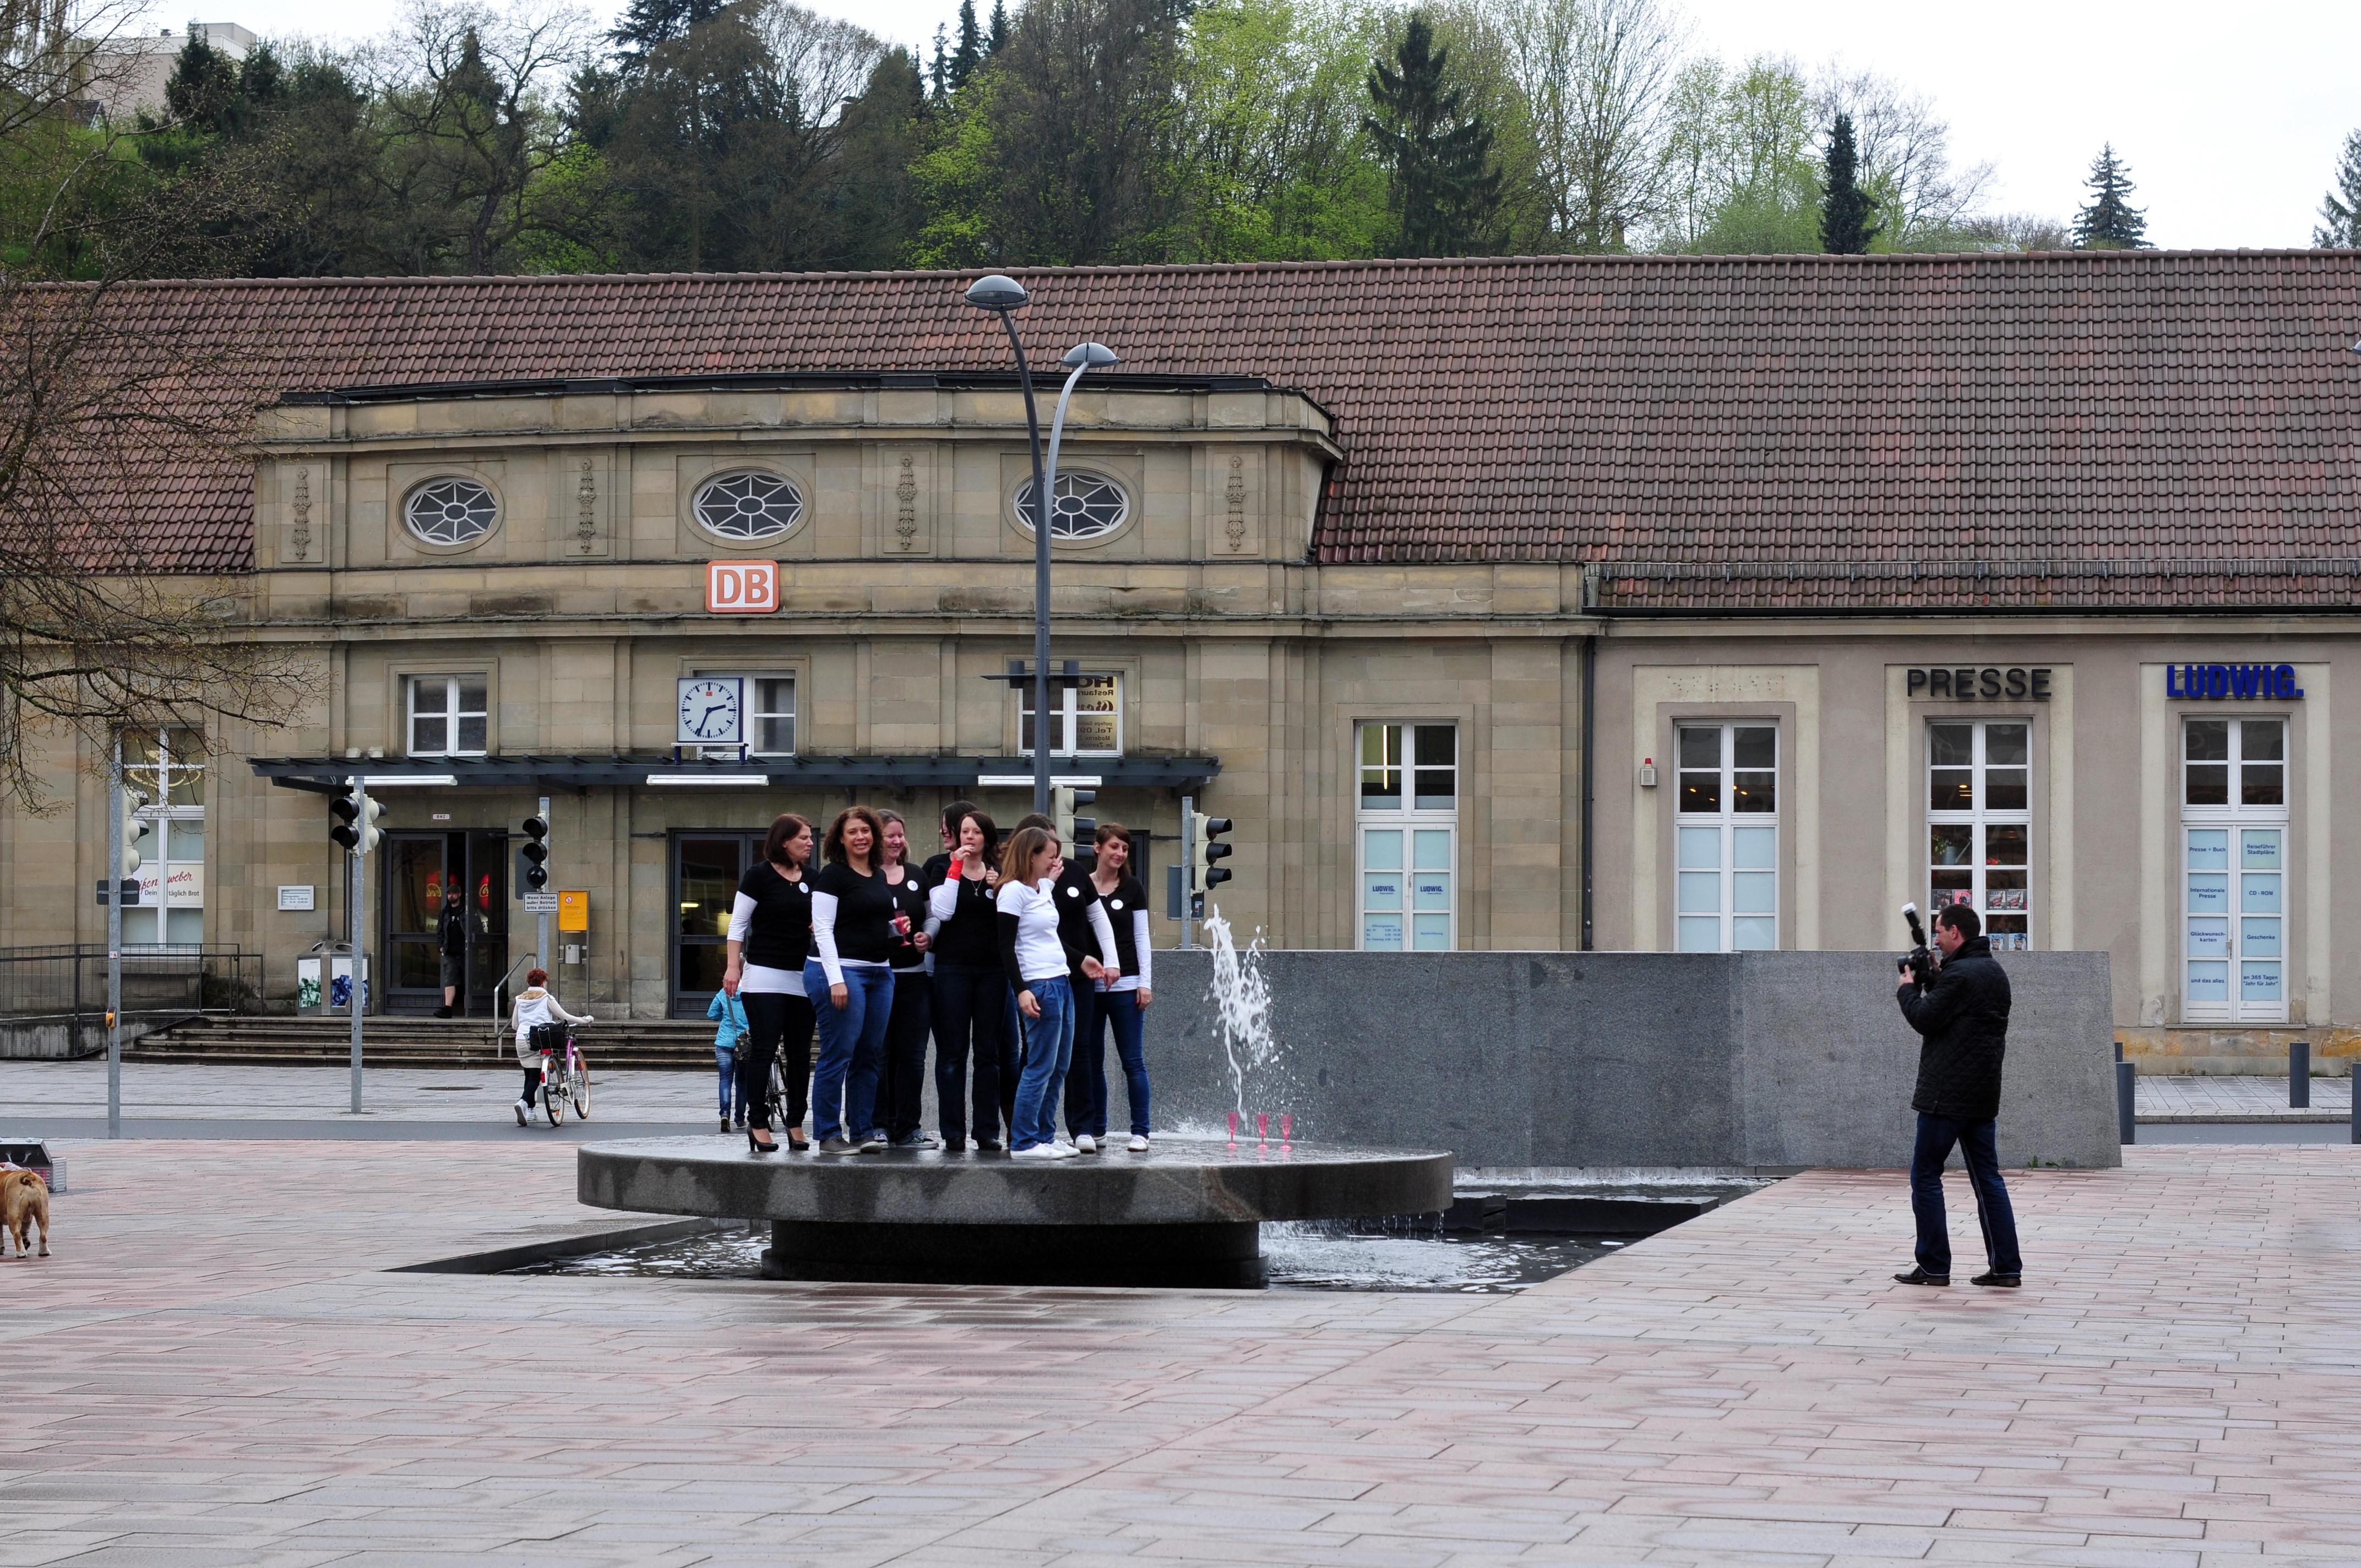 13-04-27-coburg-by-RalfR-04.jpg